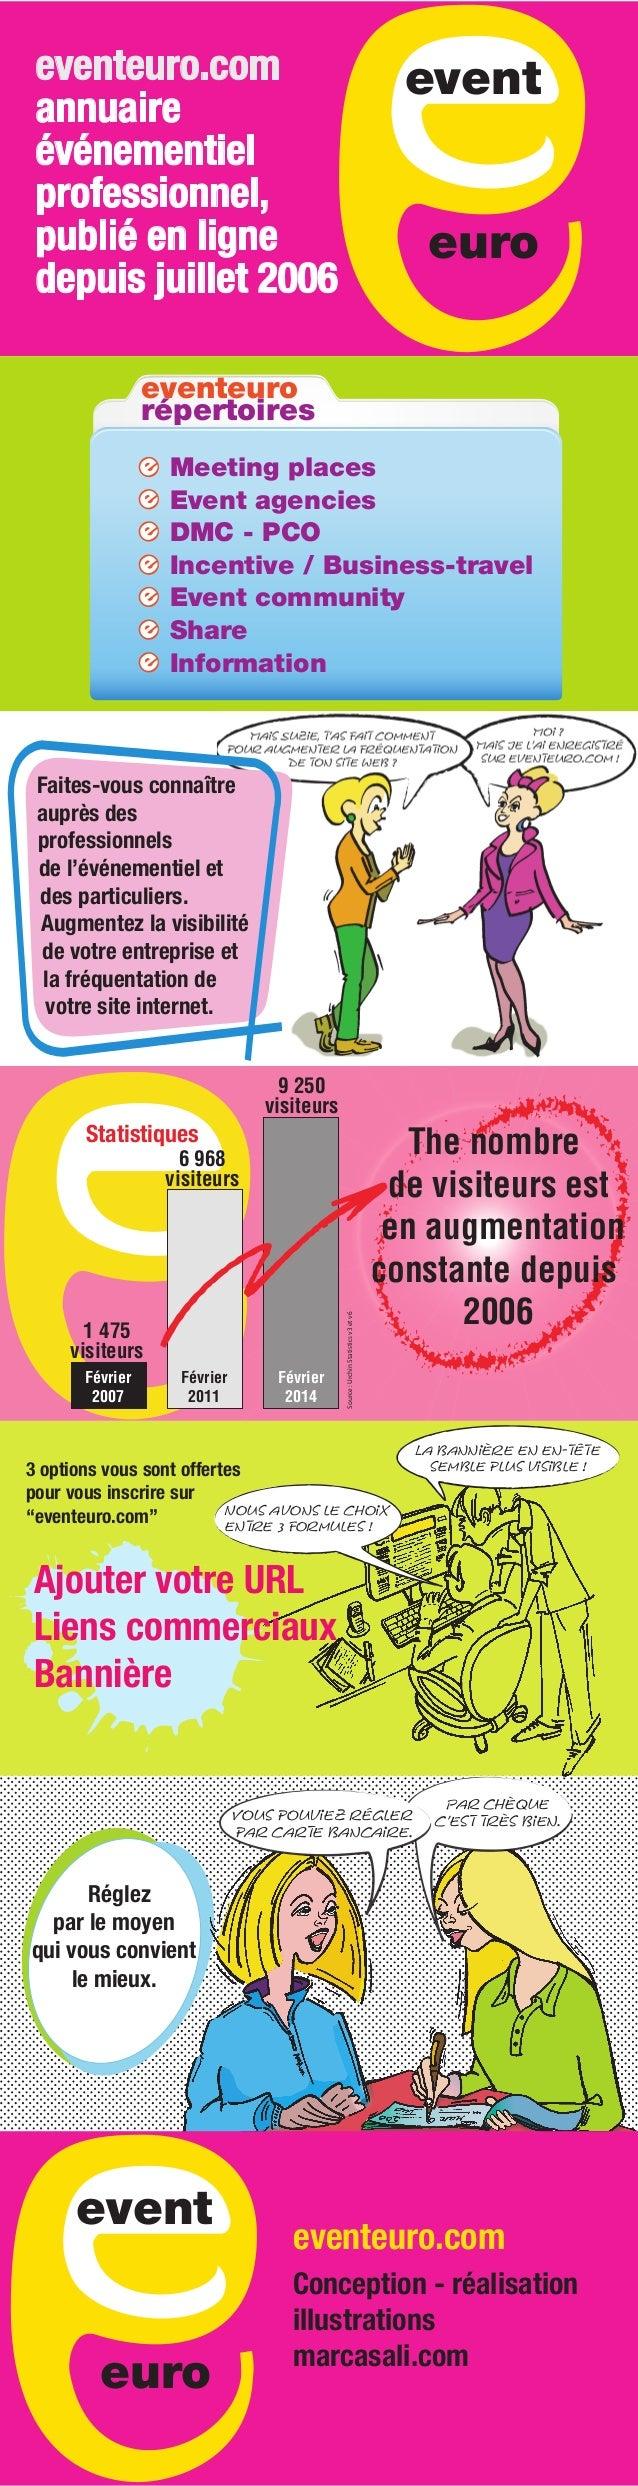 event euro eventeuro.com annuaire événementiel professionnel, publié en ligne depuis juillet 2006 répertoires eventeuro Me...